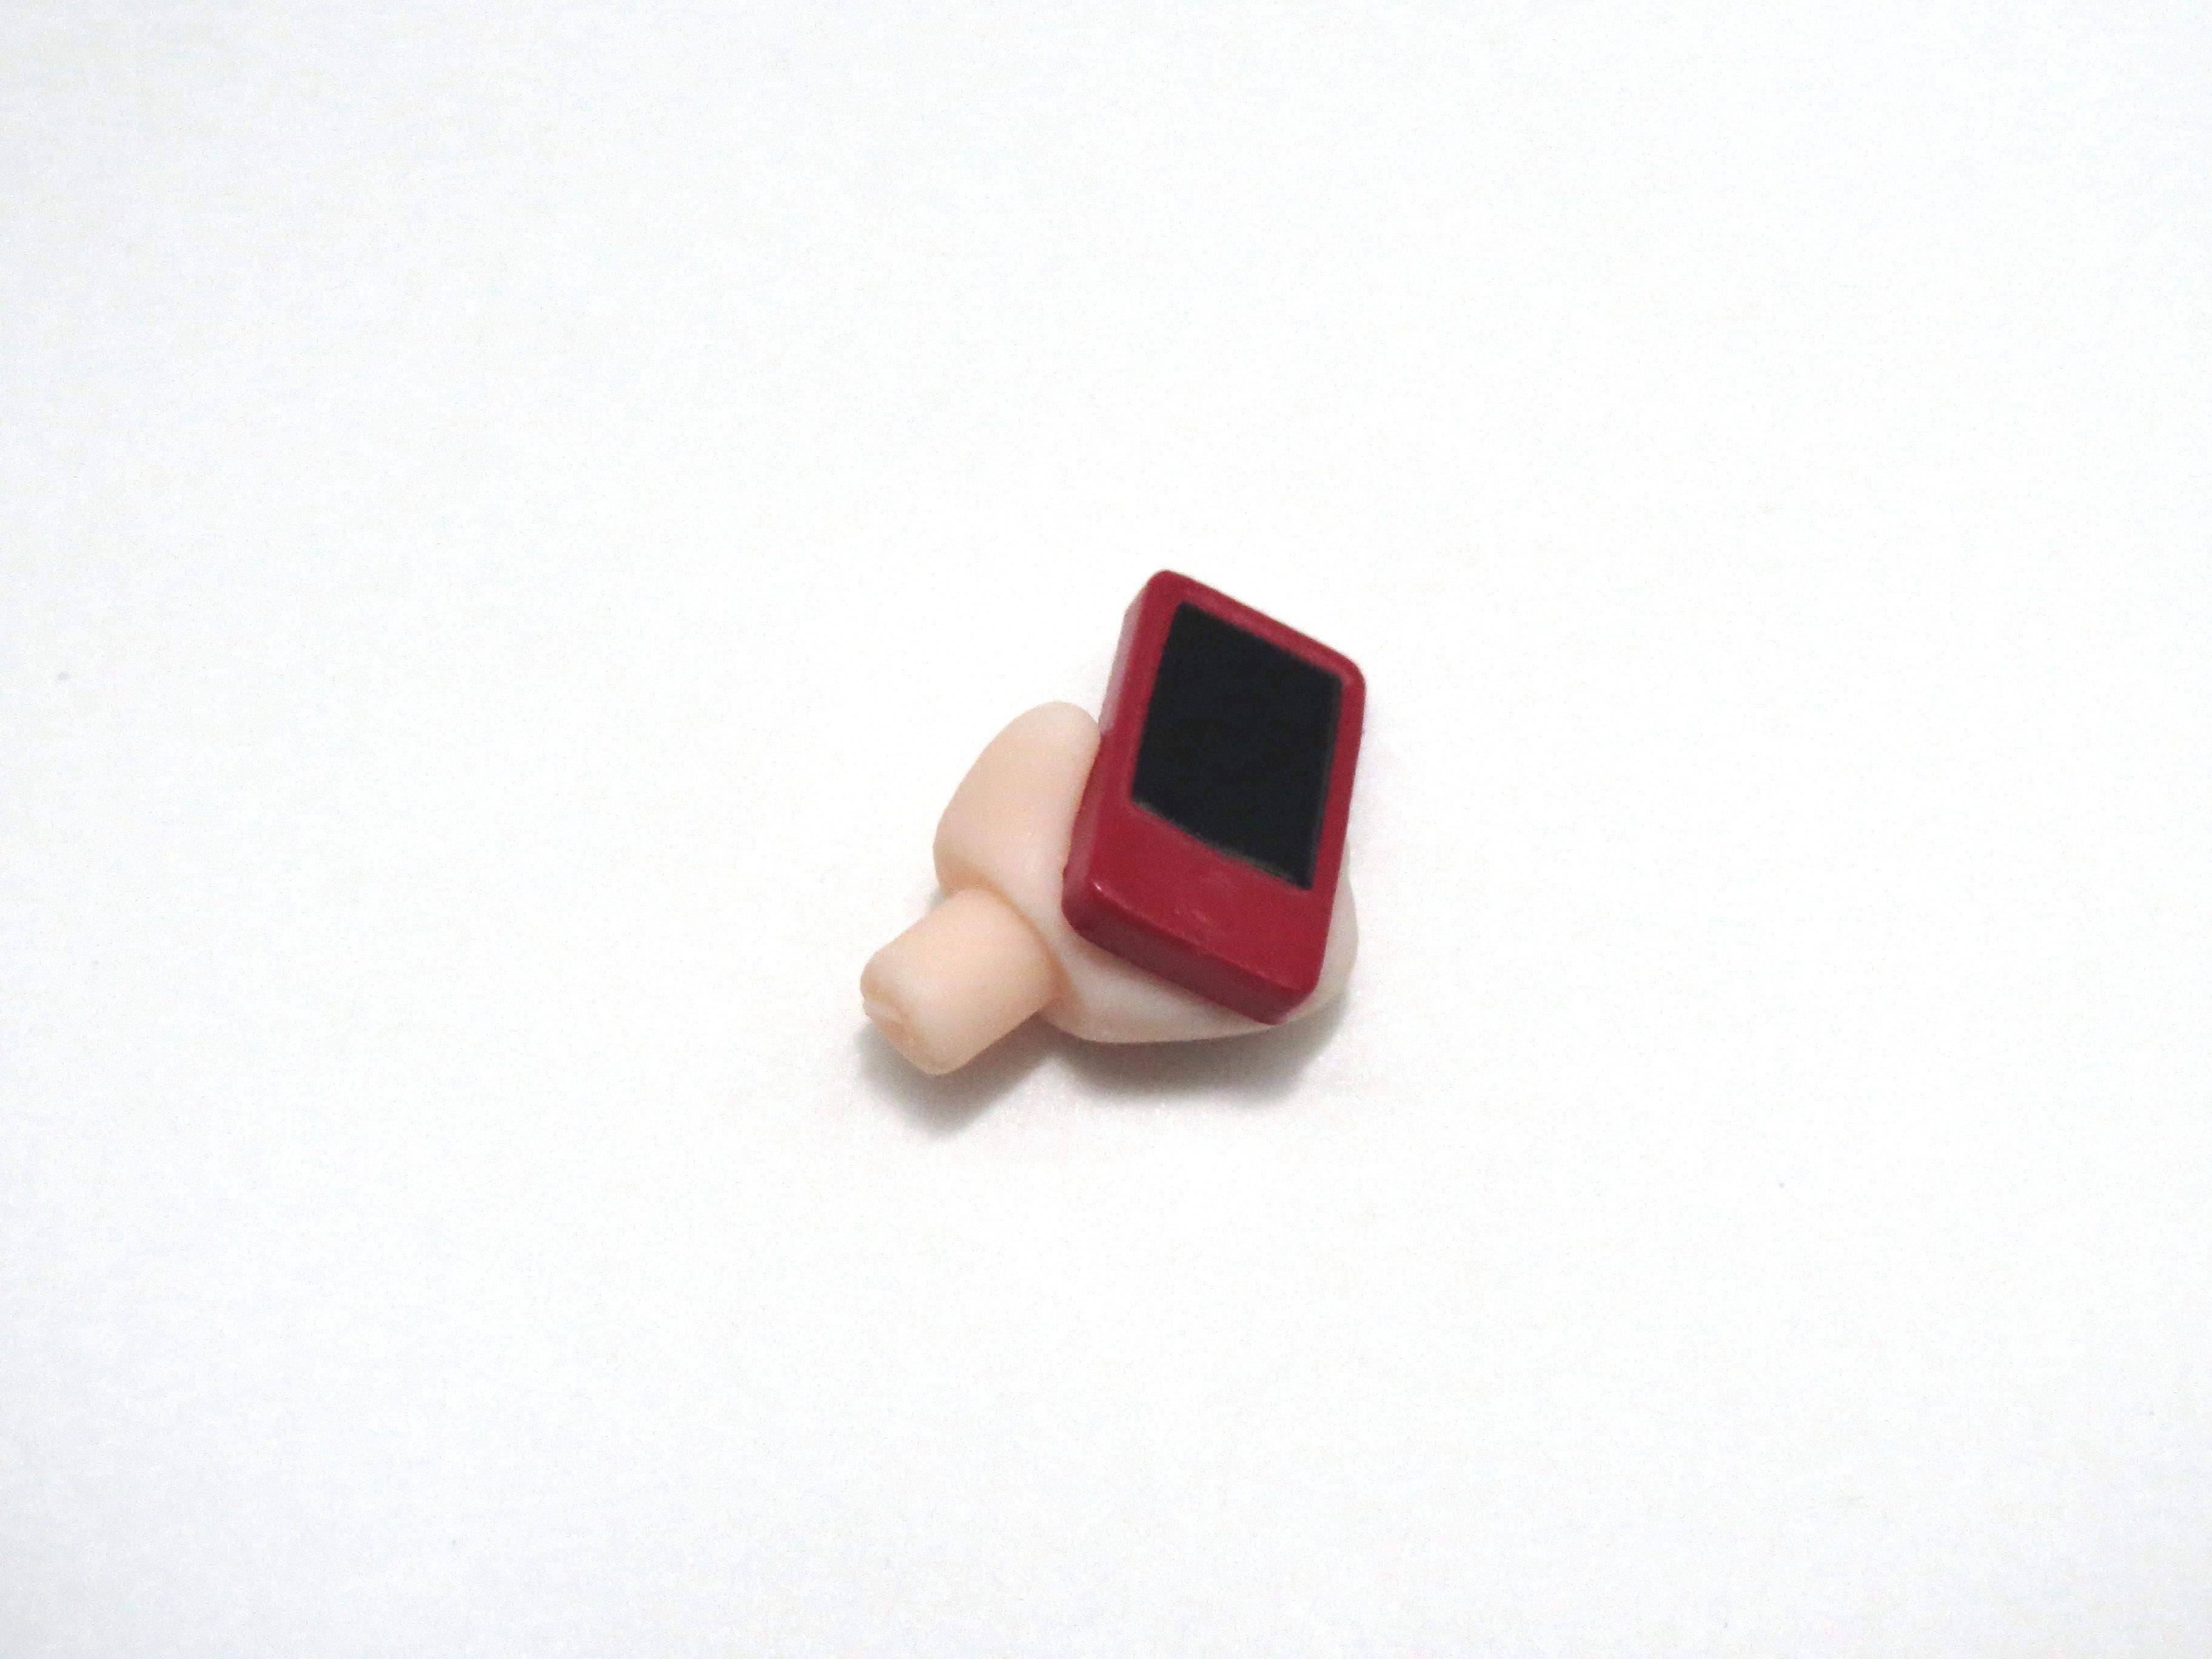 再入荷【572】 西木野真姫 練習着Ver. 小物パーツ 携帯電話 ねんどろいど